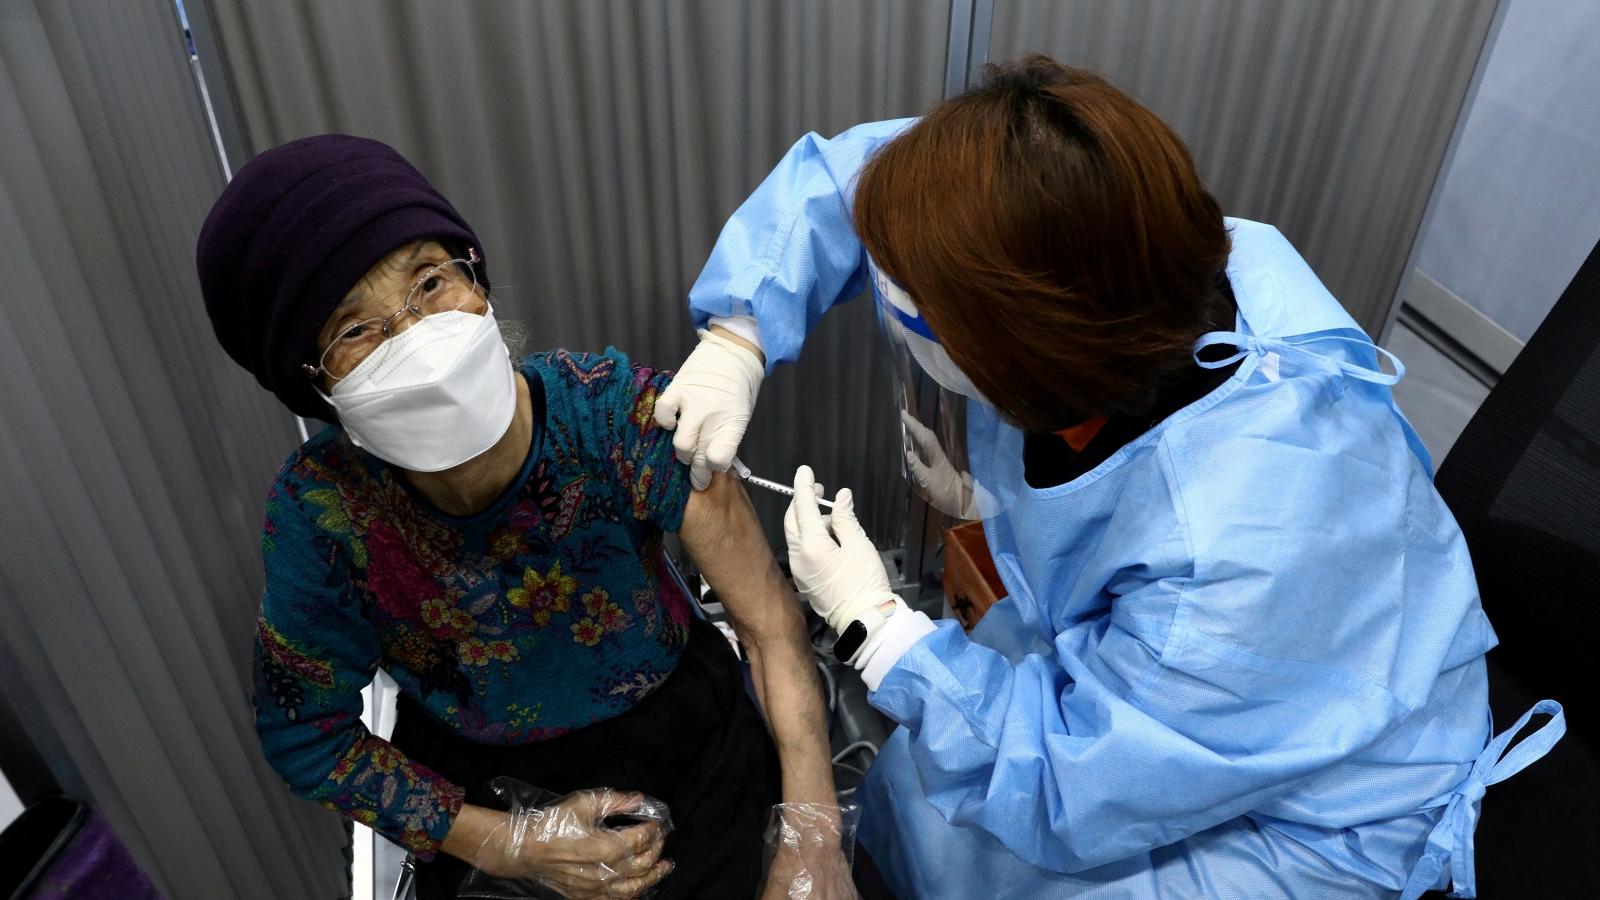 Hàn Quốc tăng tốc tiêm vaccine Covid-19 đạt 70% dân số trước Tết Trung thu